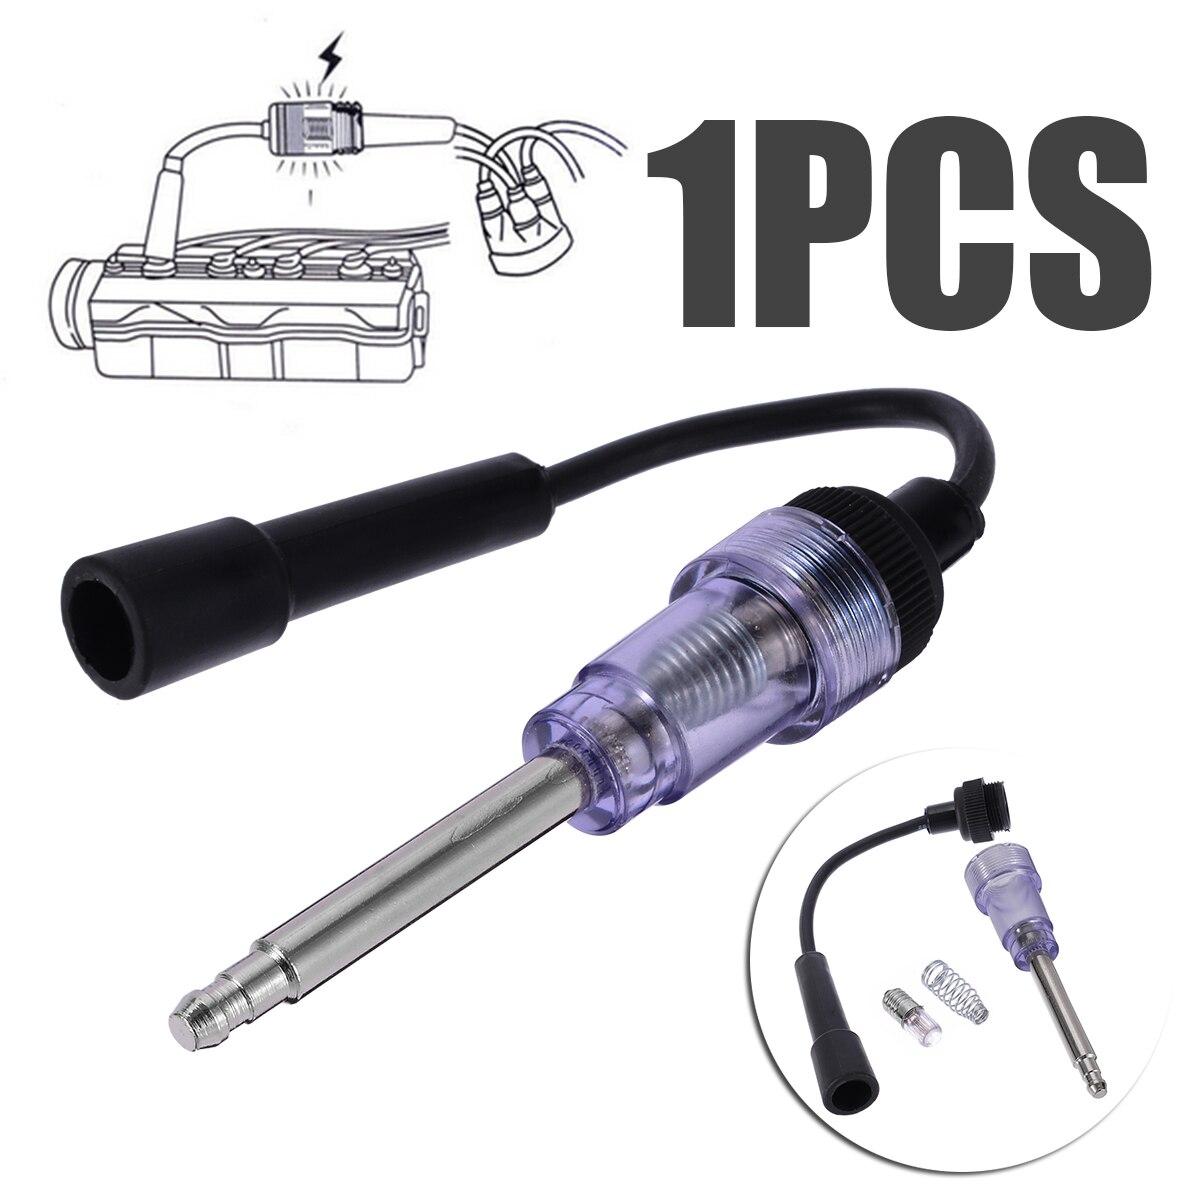 6V-12V Spark Plug Tester In Line Ignition Spark Plug Diagnostic Coil Test Tool  Engine Ignition Spark Plug